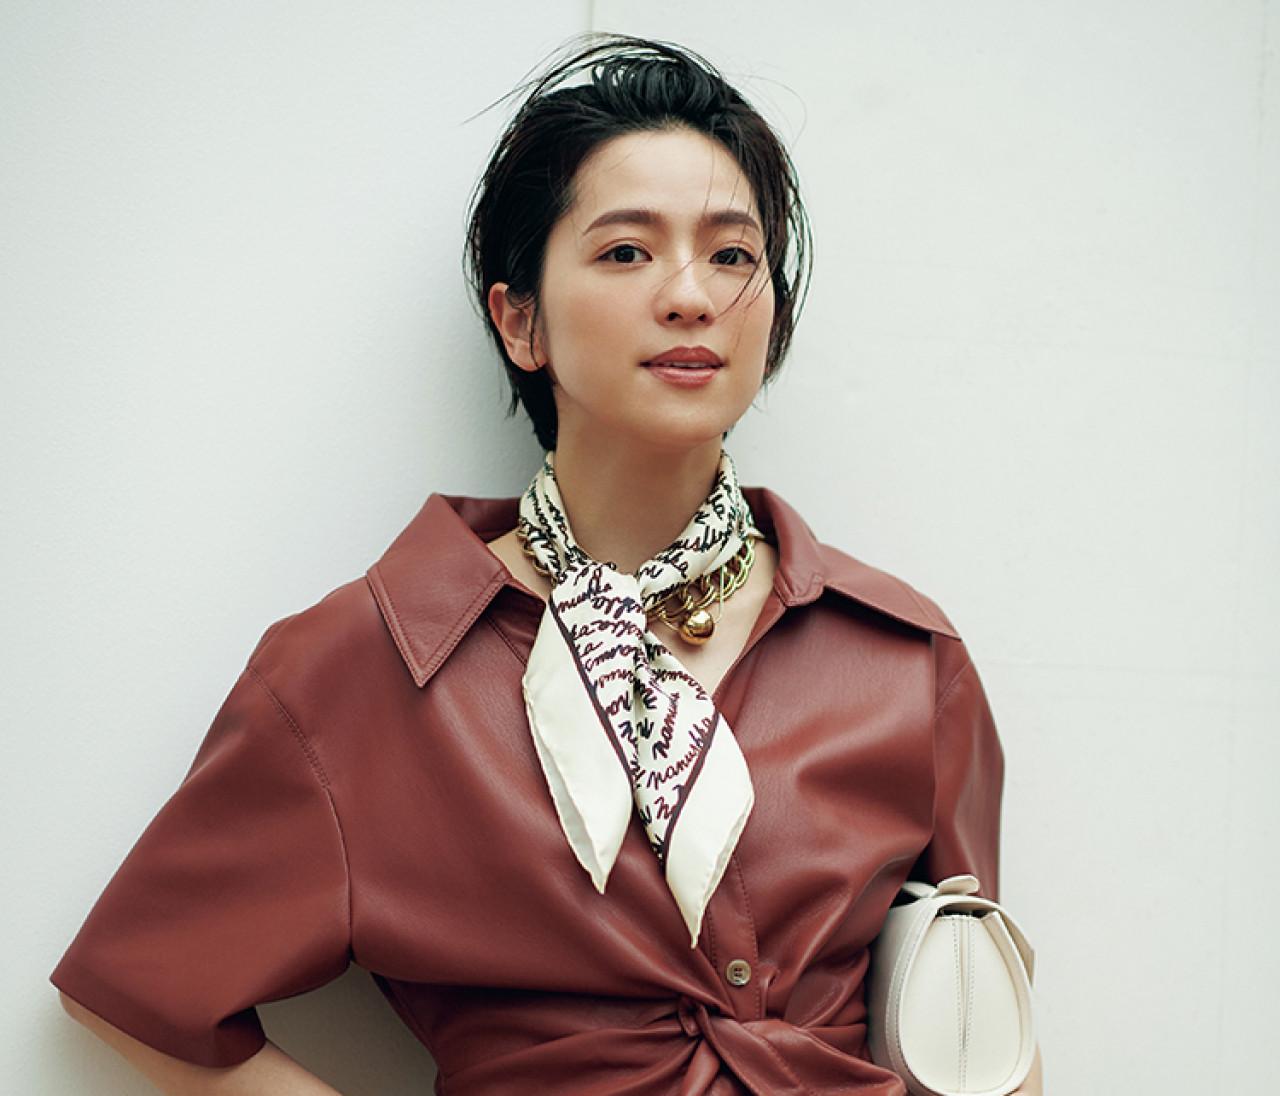 【中村アン】ブランドロゴのスカーフで夏のおしゃれにアクセント